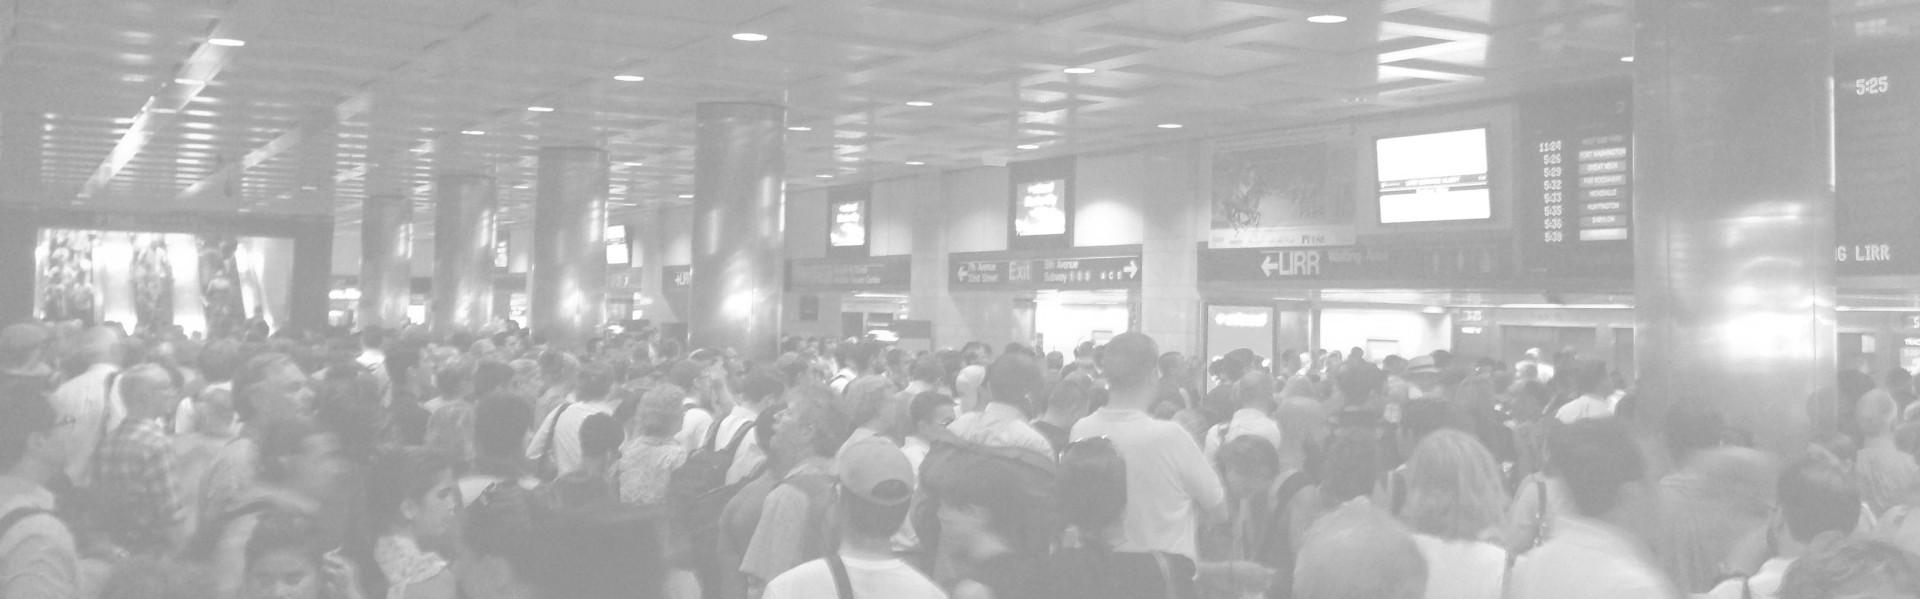 Arrival: New York Penn Station